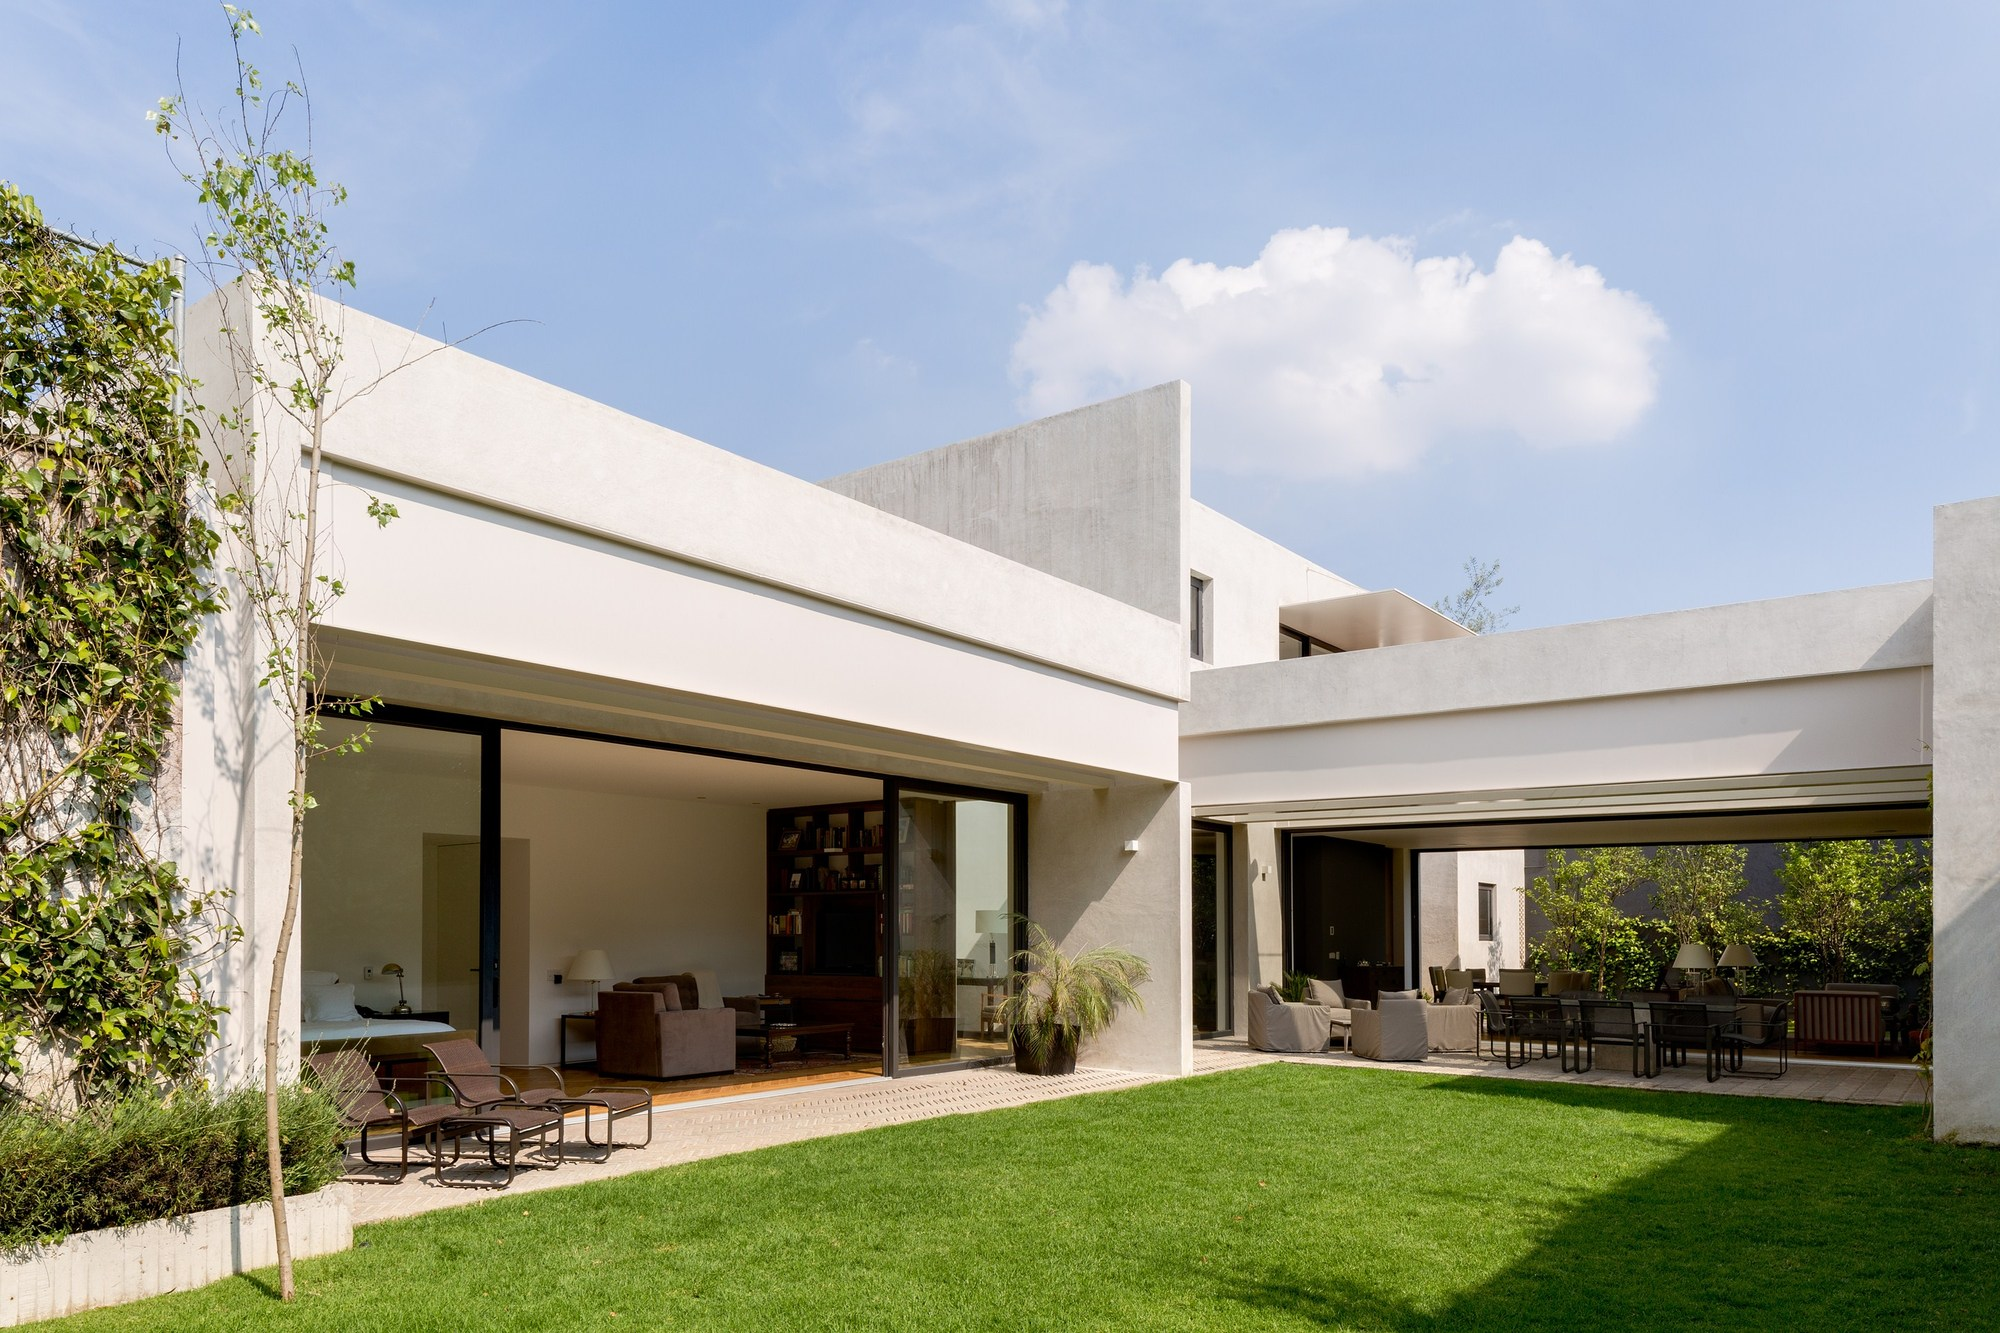 Casa jard n dcpp arquitectos archdaily m xico for Casa y jardin abc color